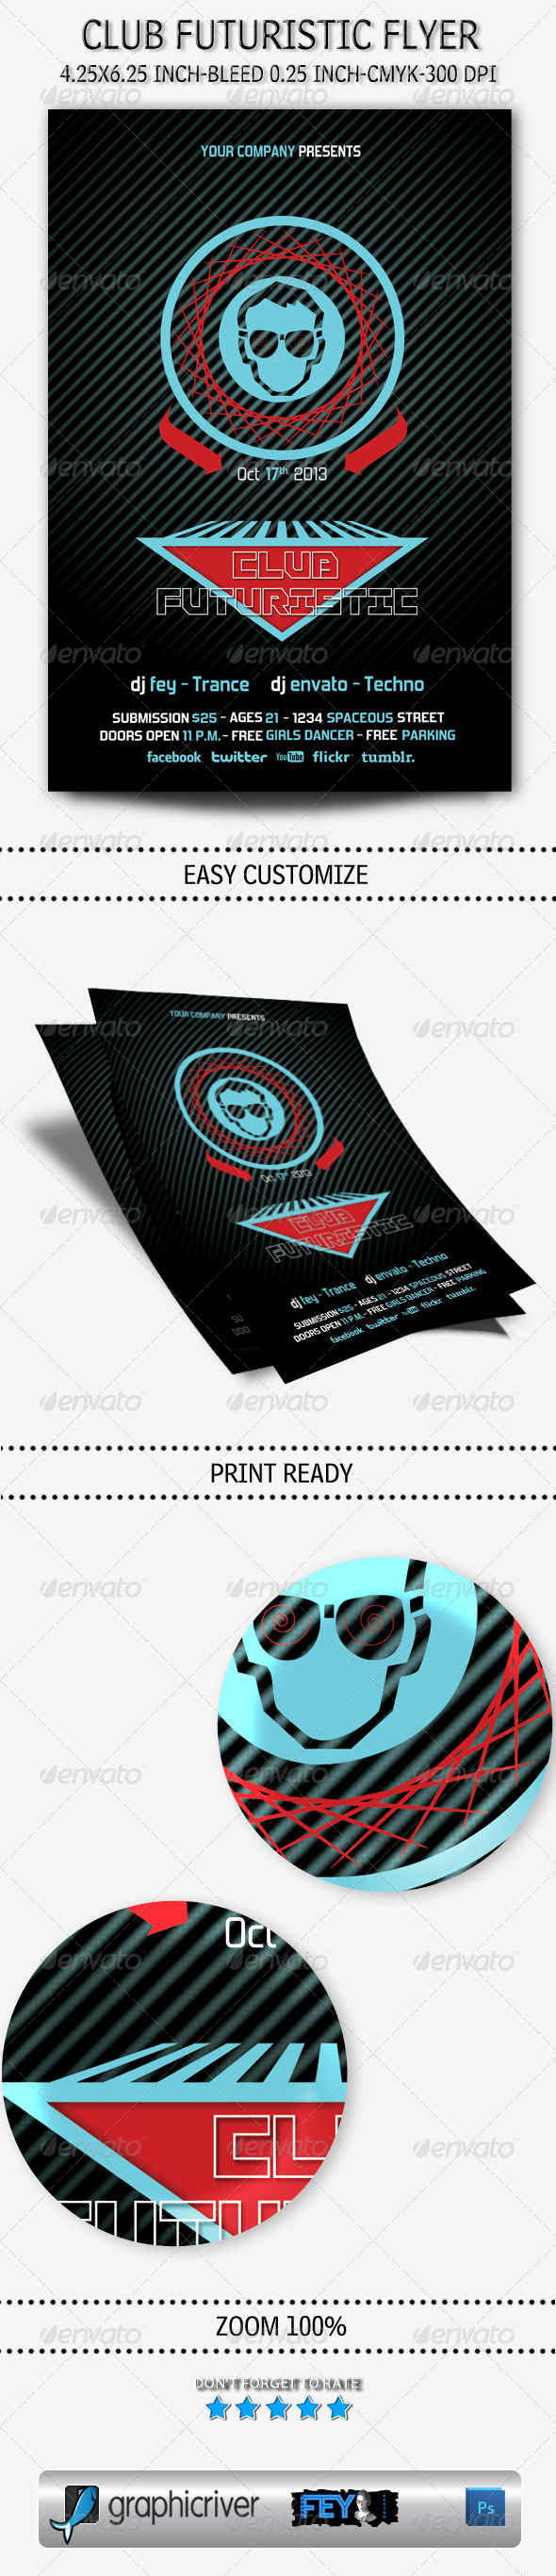 GraphicRiver Club Futuristic Flyer 5523265